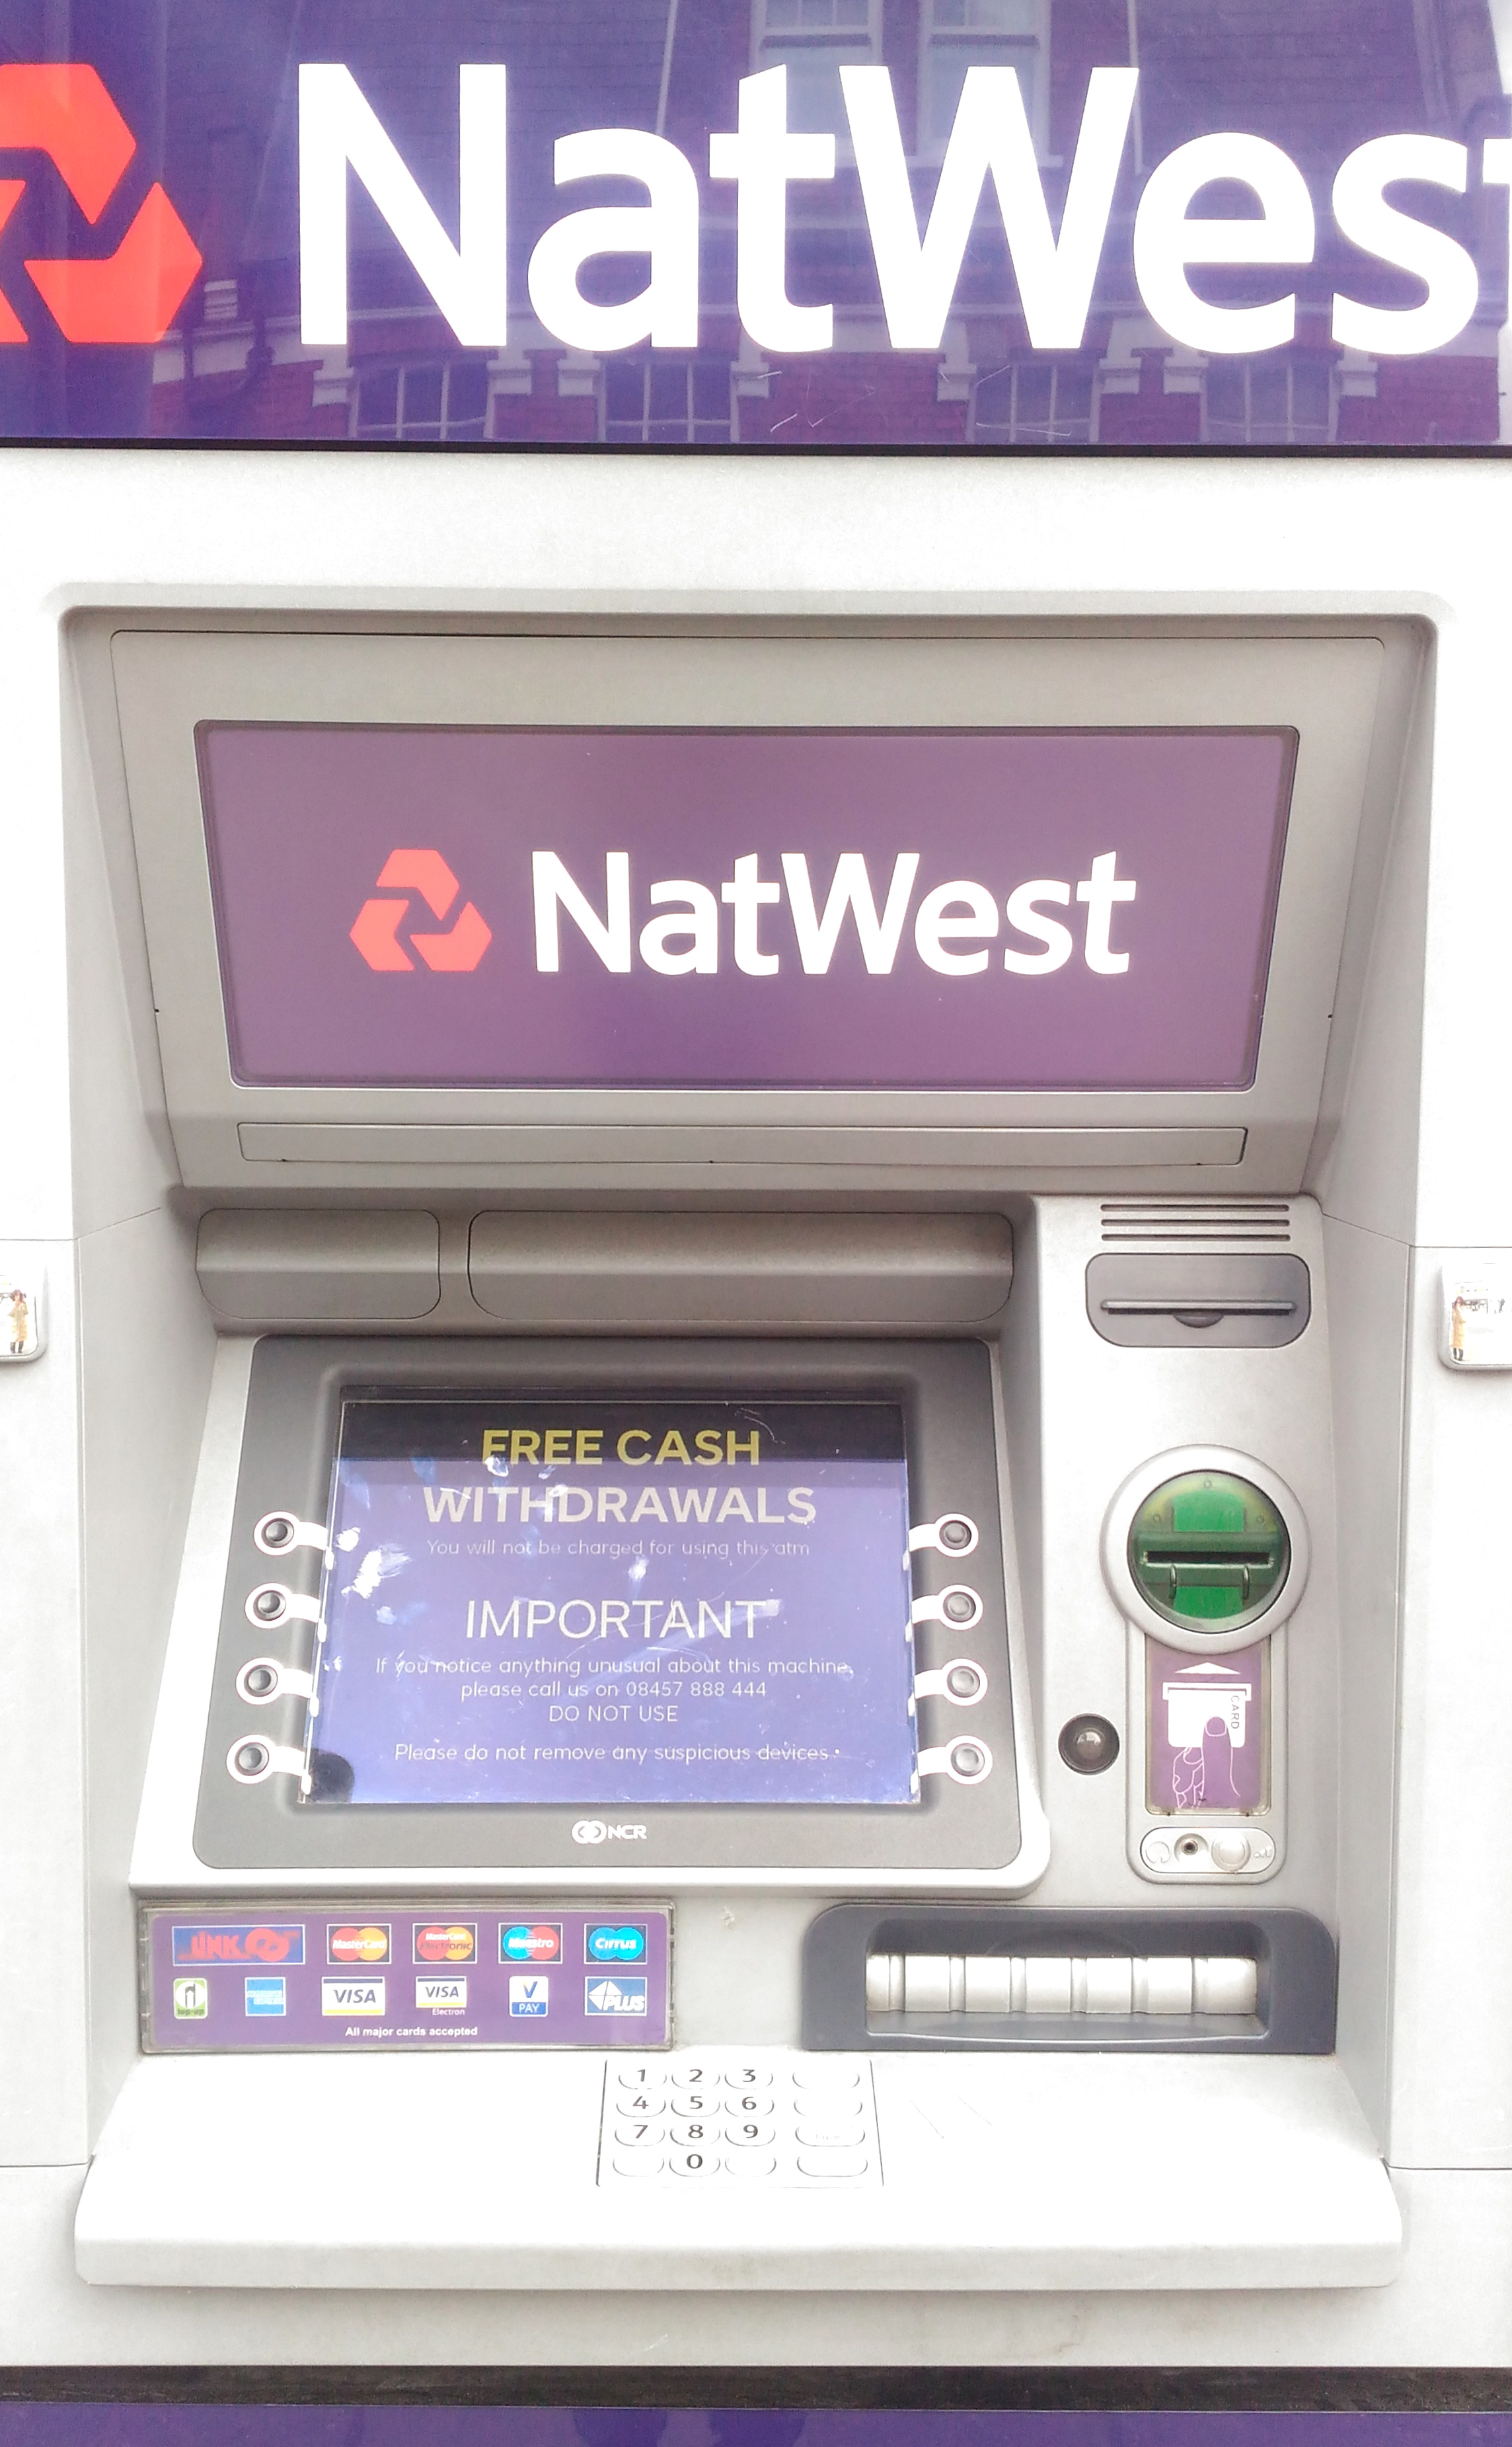 マネパカードを使ってイギリスのATMでポンドを引き出す方法(ATMの使い方編)